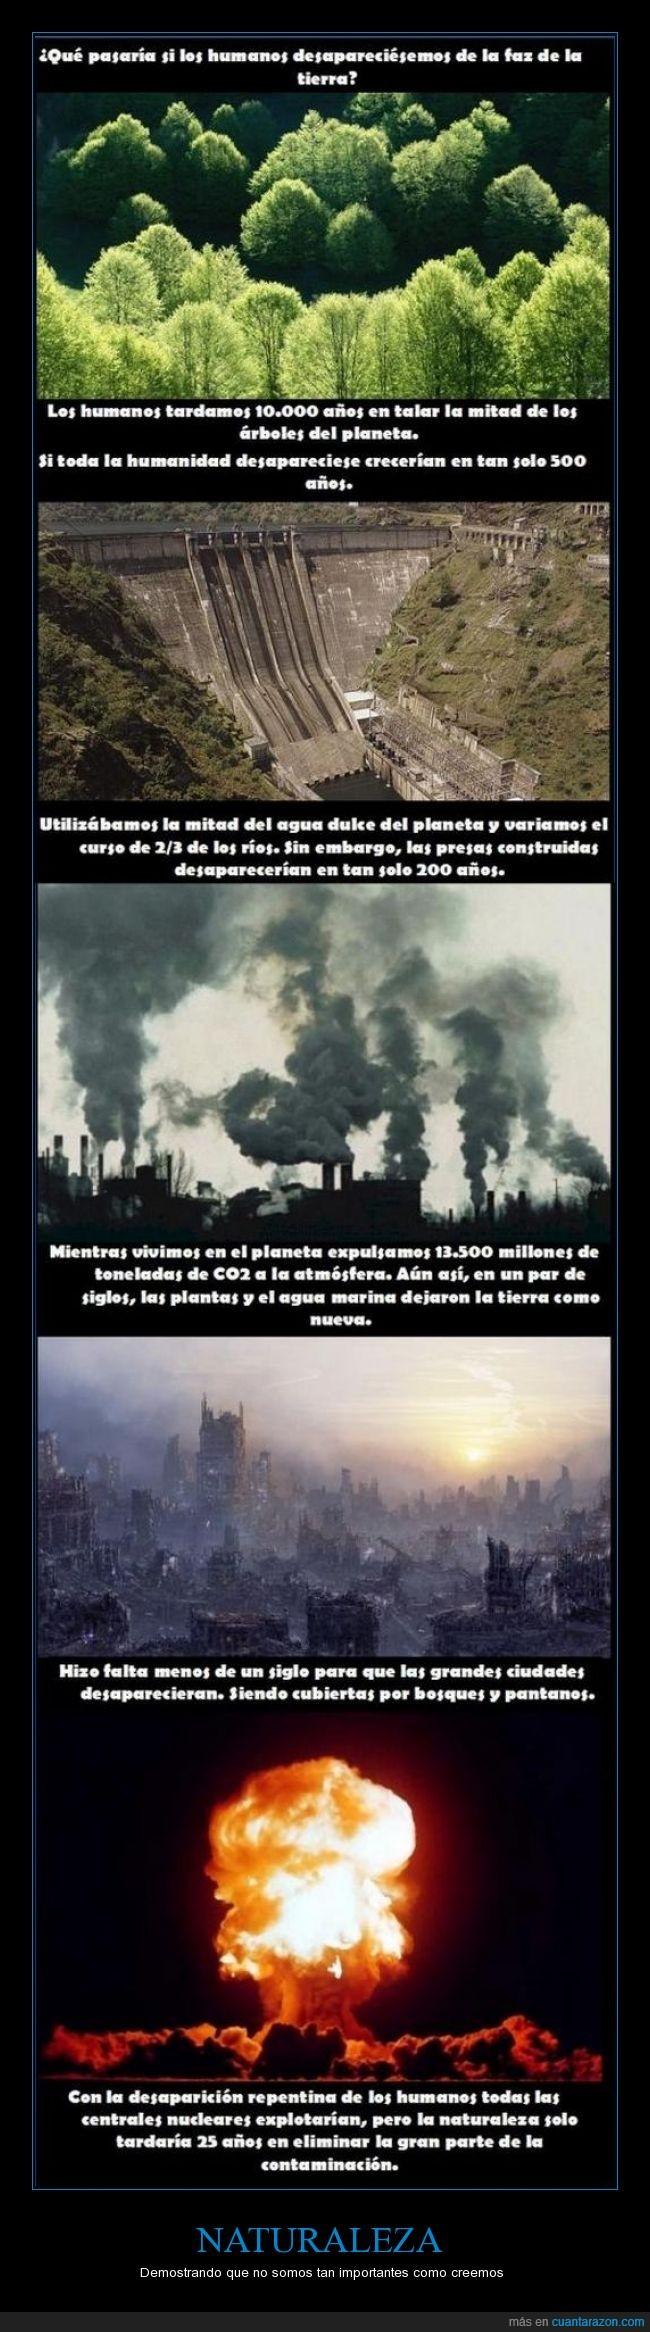 desaparecer,humano,natural,naturaleza,nuclear,reaccion,realidad,vida. animal